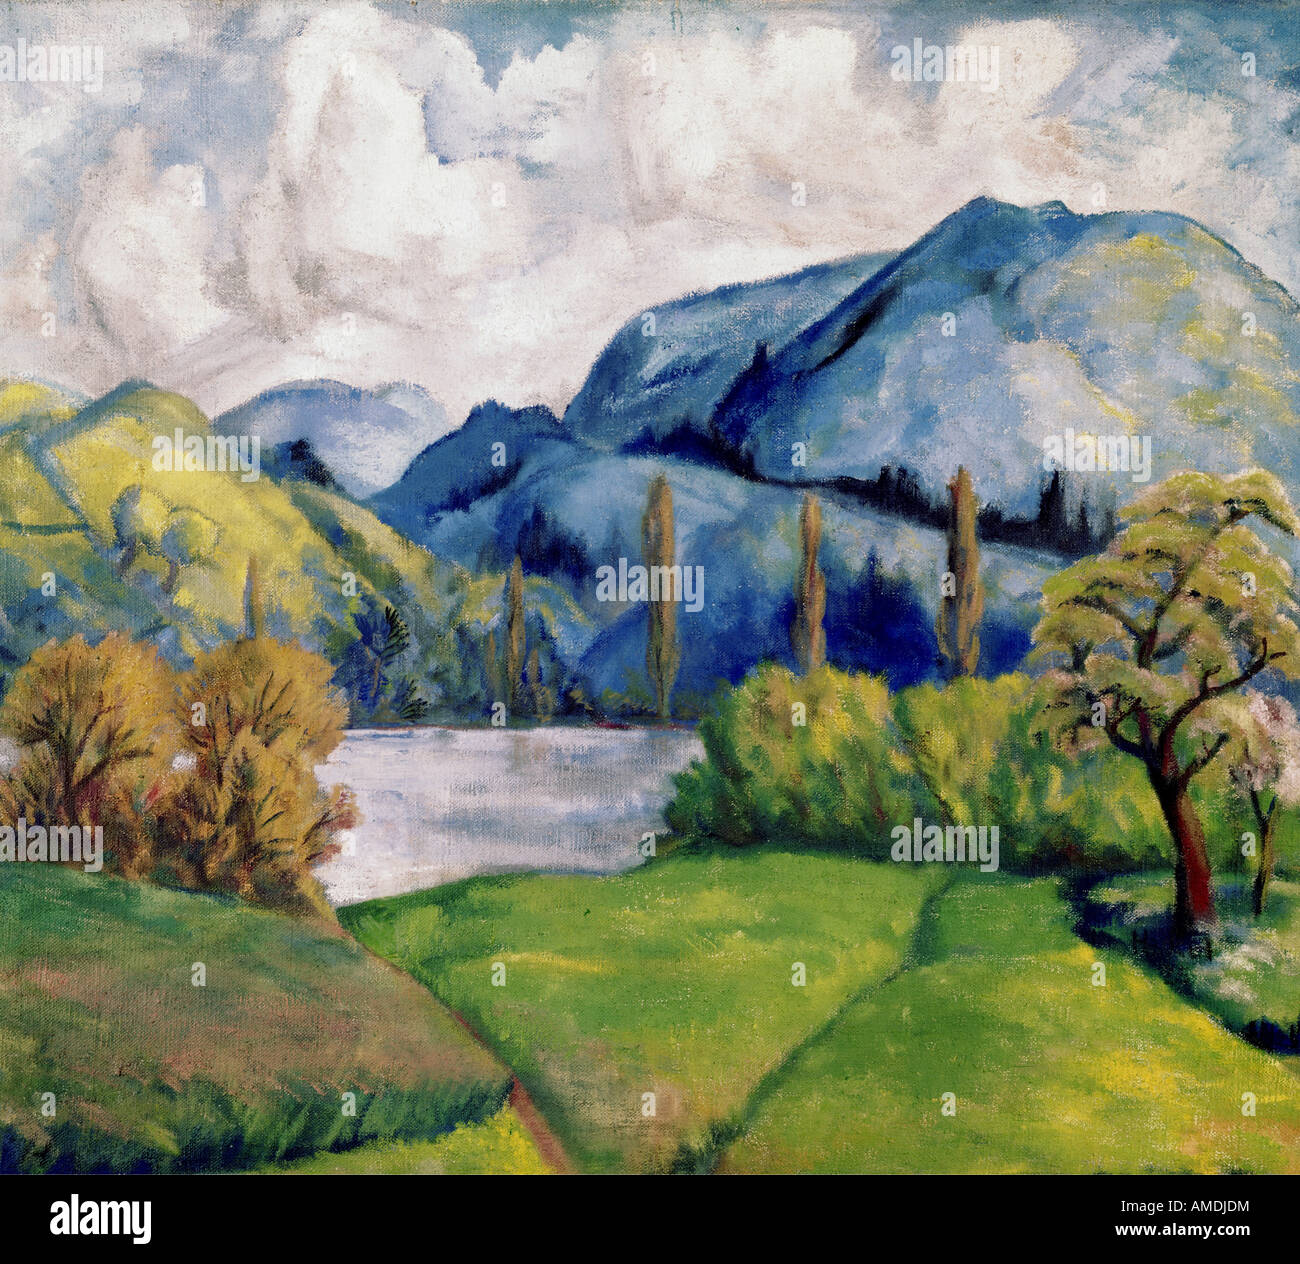 Beaux-arts, Cézanne, Paul, (1839 - 1906), peinture, Kunsthaus Zürich, le français, l'impressionsm, Photo Stock